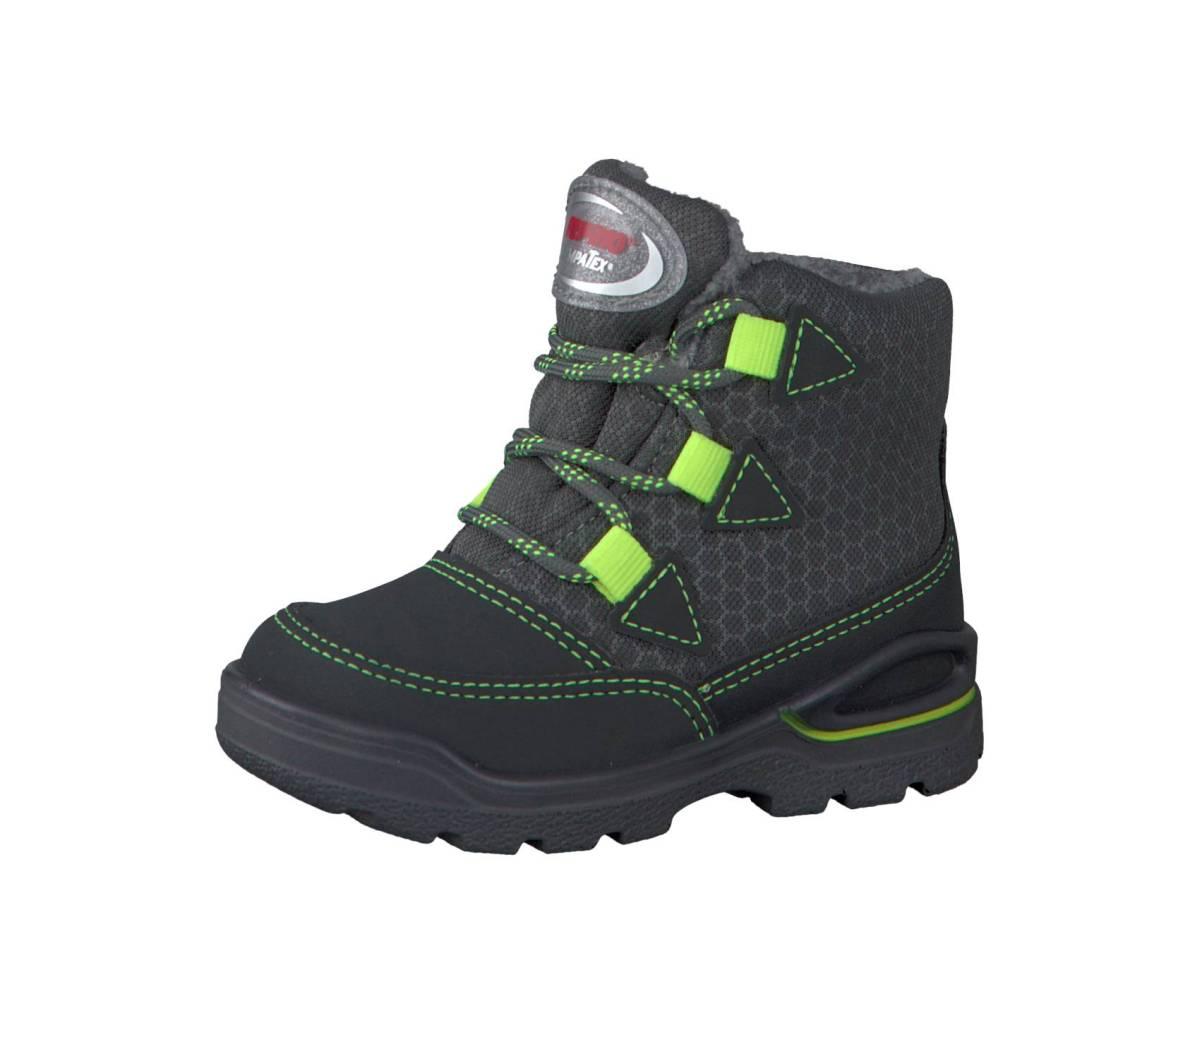 Ricosta Pepino Emil grau grigio grau Schuhe Stiefel Boots Jungen Mädchen Kinder